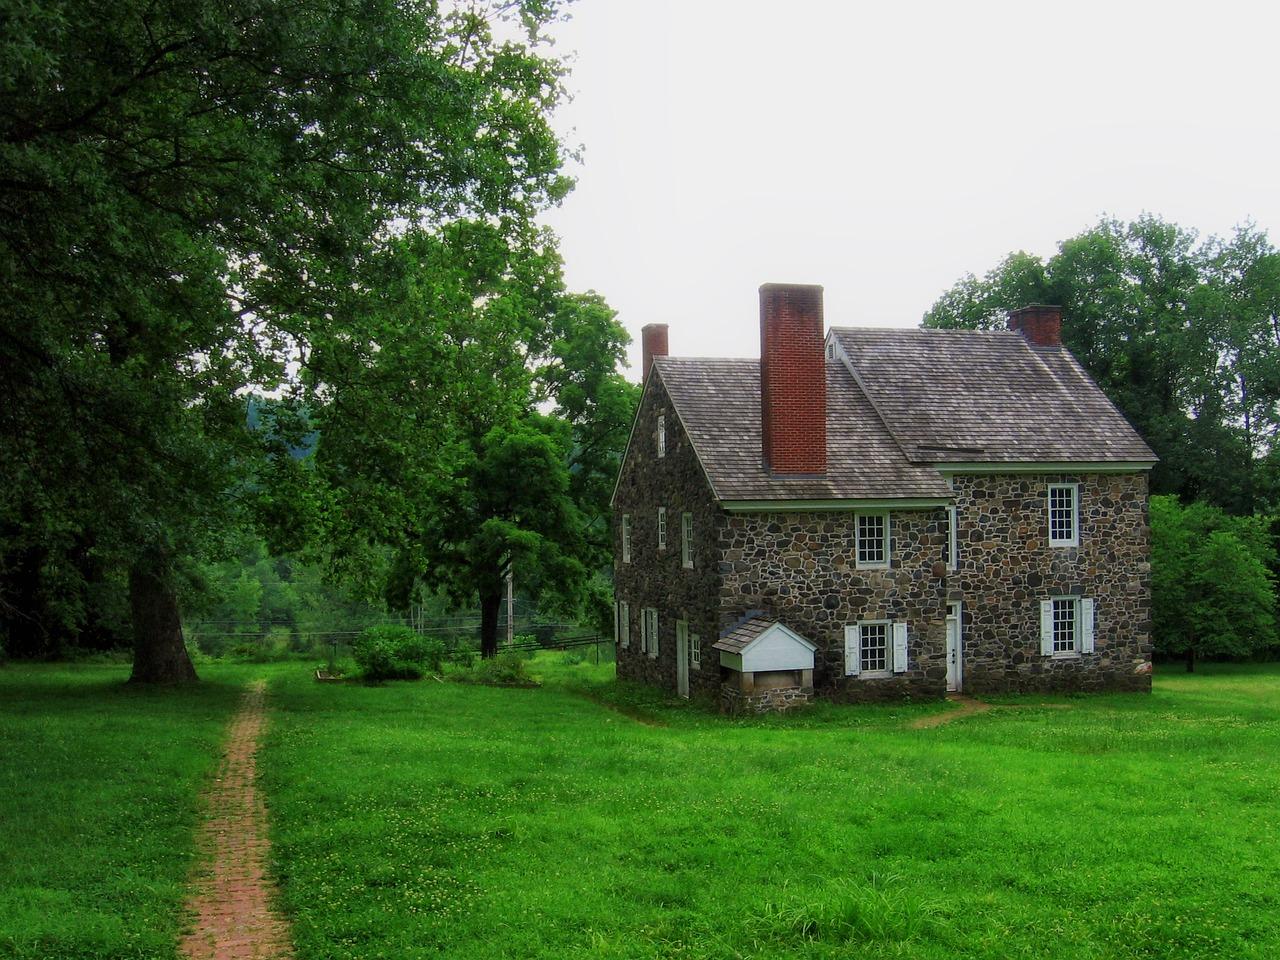 梦到自己另外有套房子 梦见房子